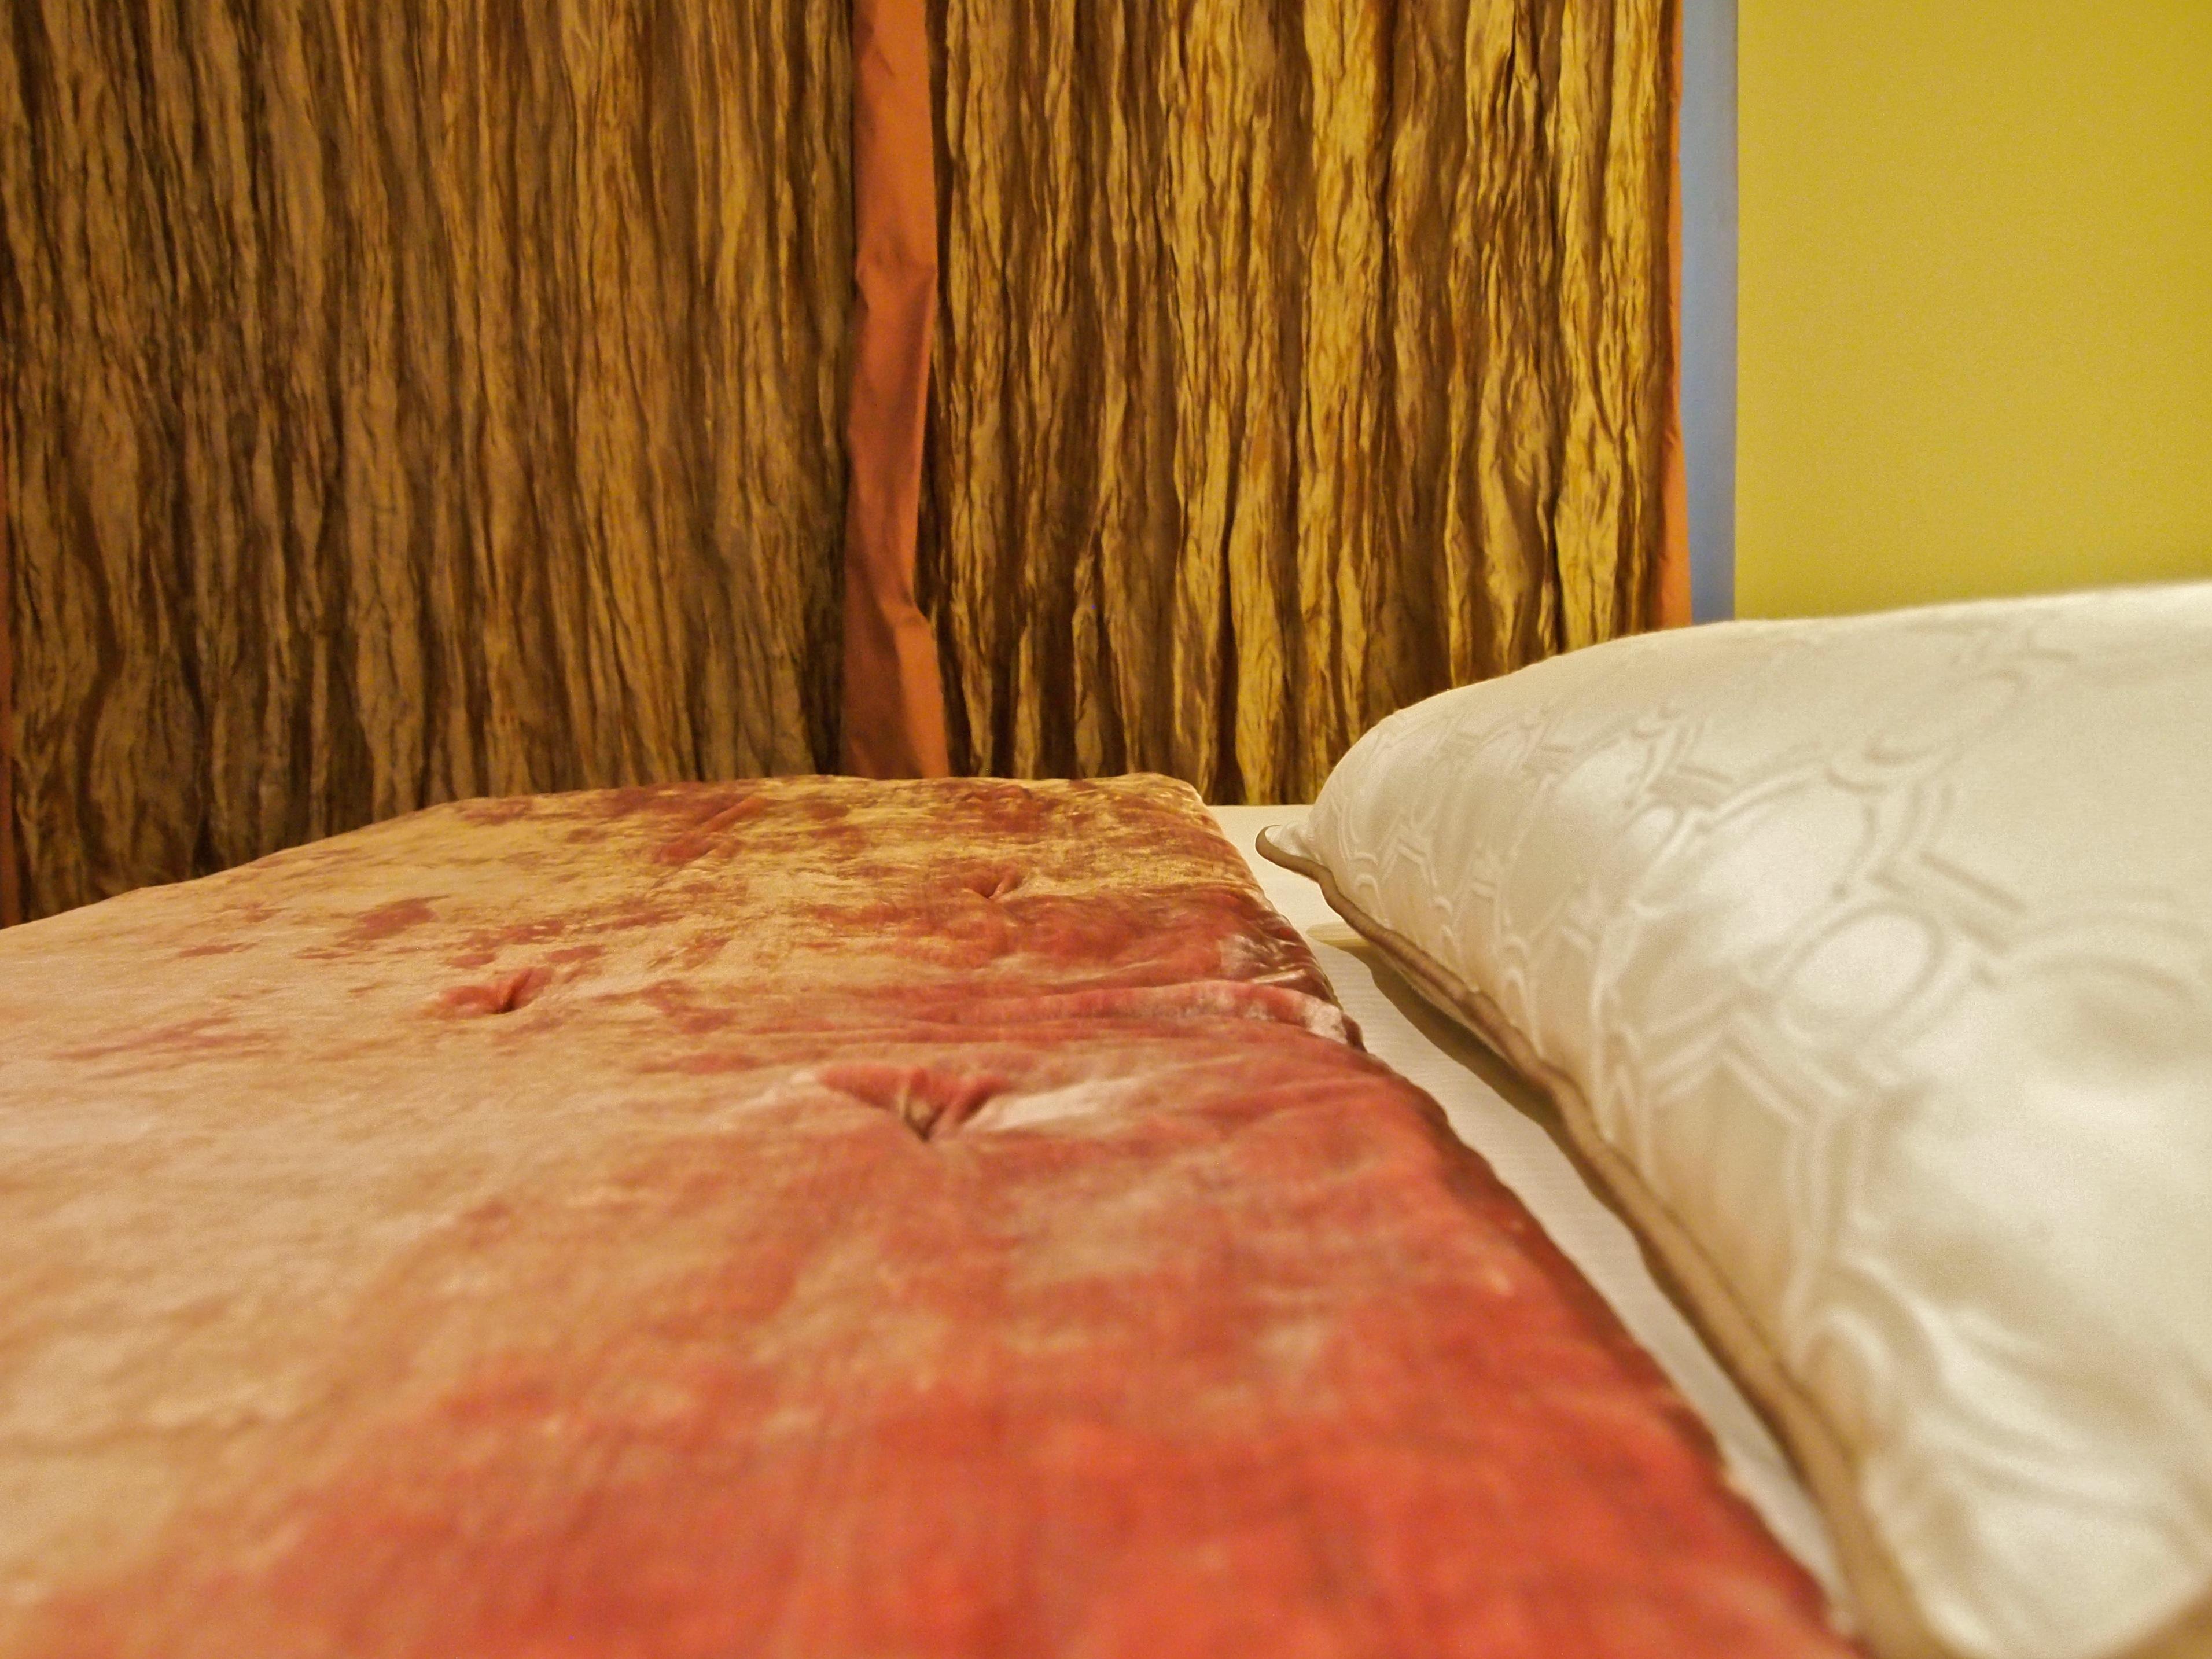 Hotel la belle juliette chambre romantique detail couvre lit ...